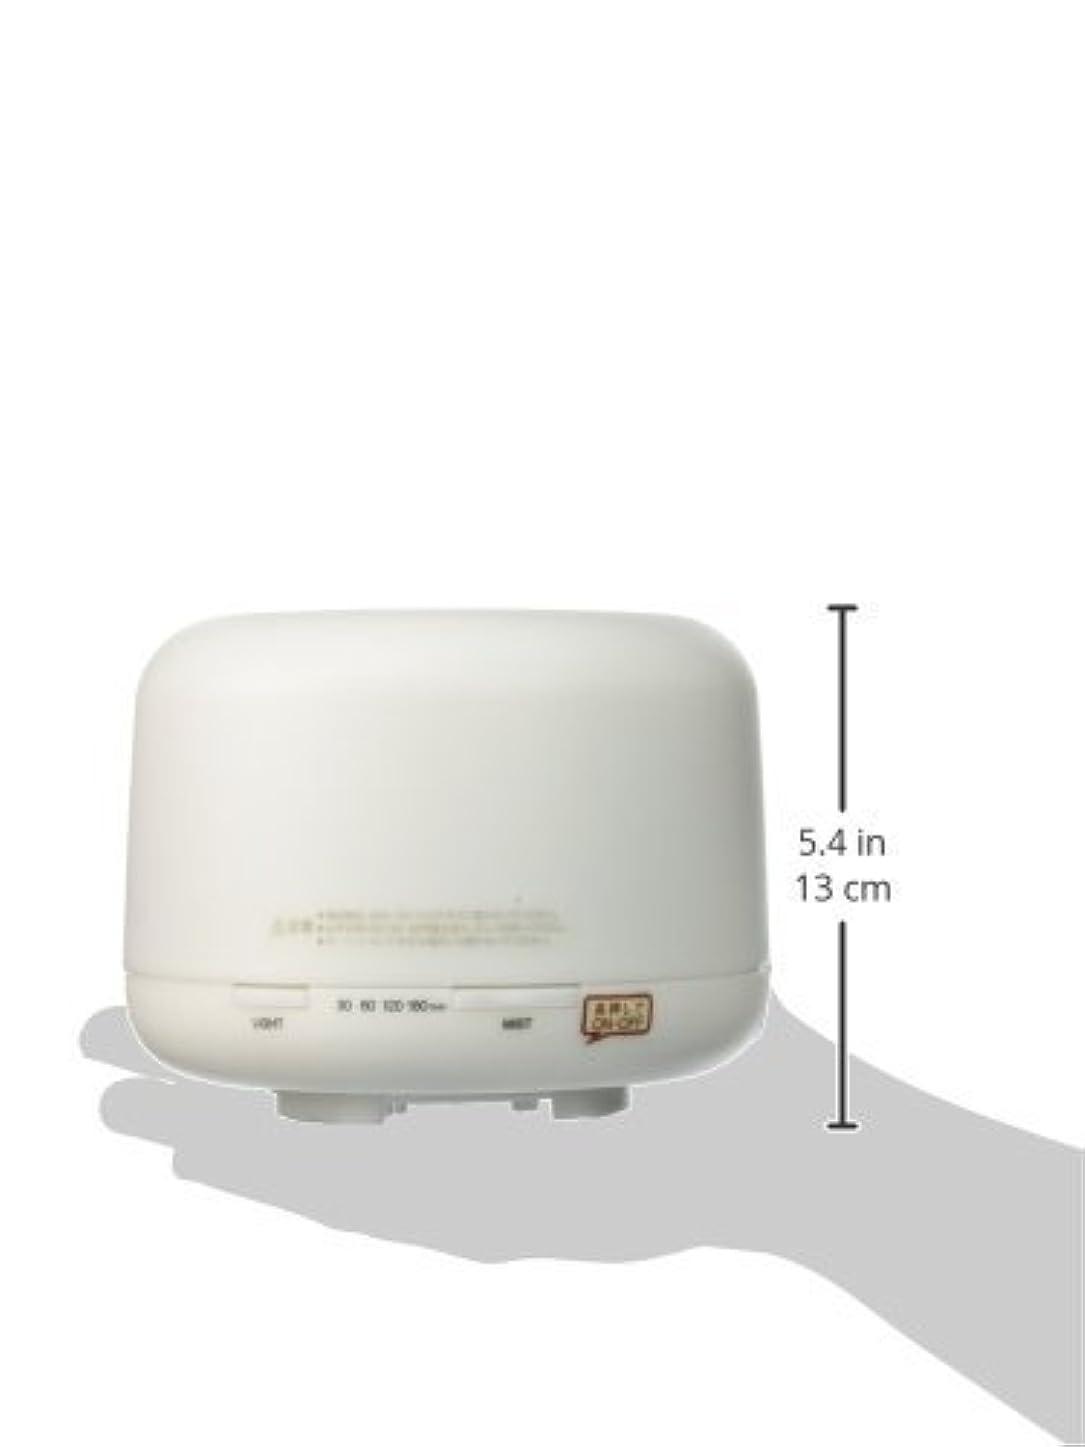 無数の取り壊す裁定【無印良品】 超音波うるおいアロマディフューザー HAD-001-JPW